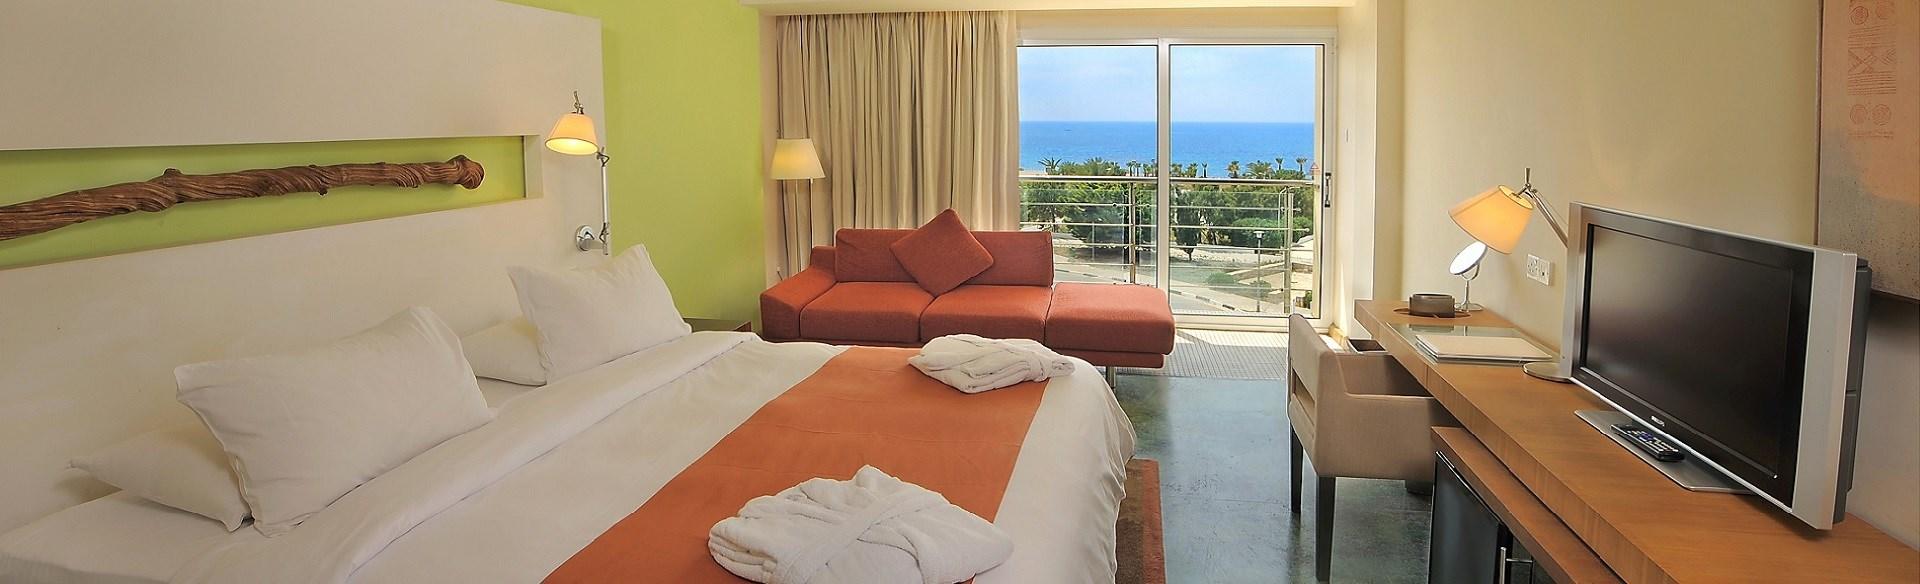 E Hotel - rooms